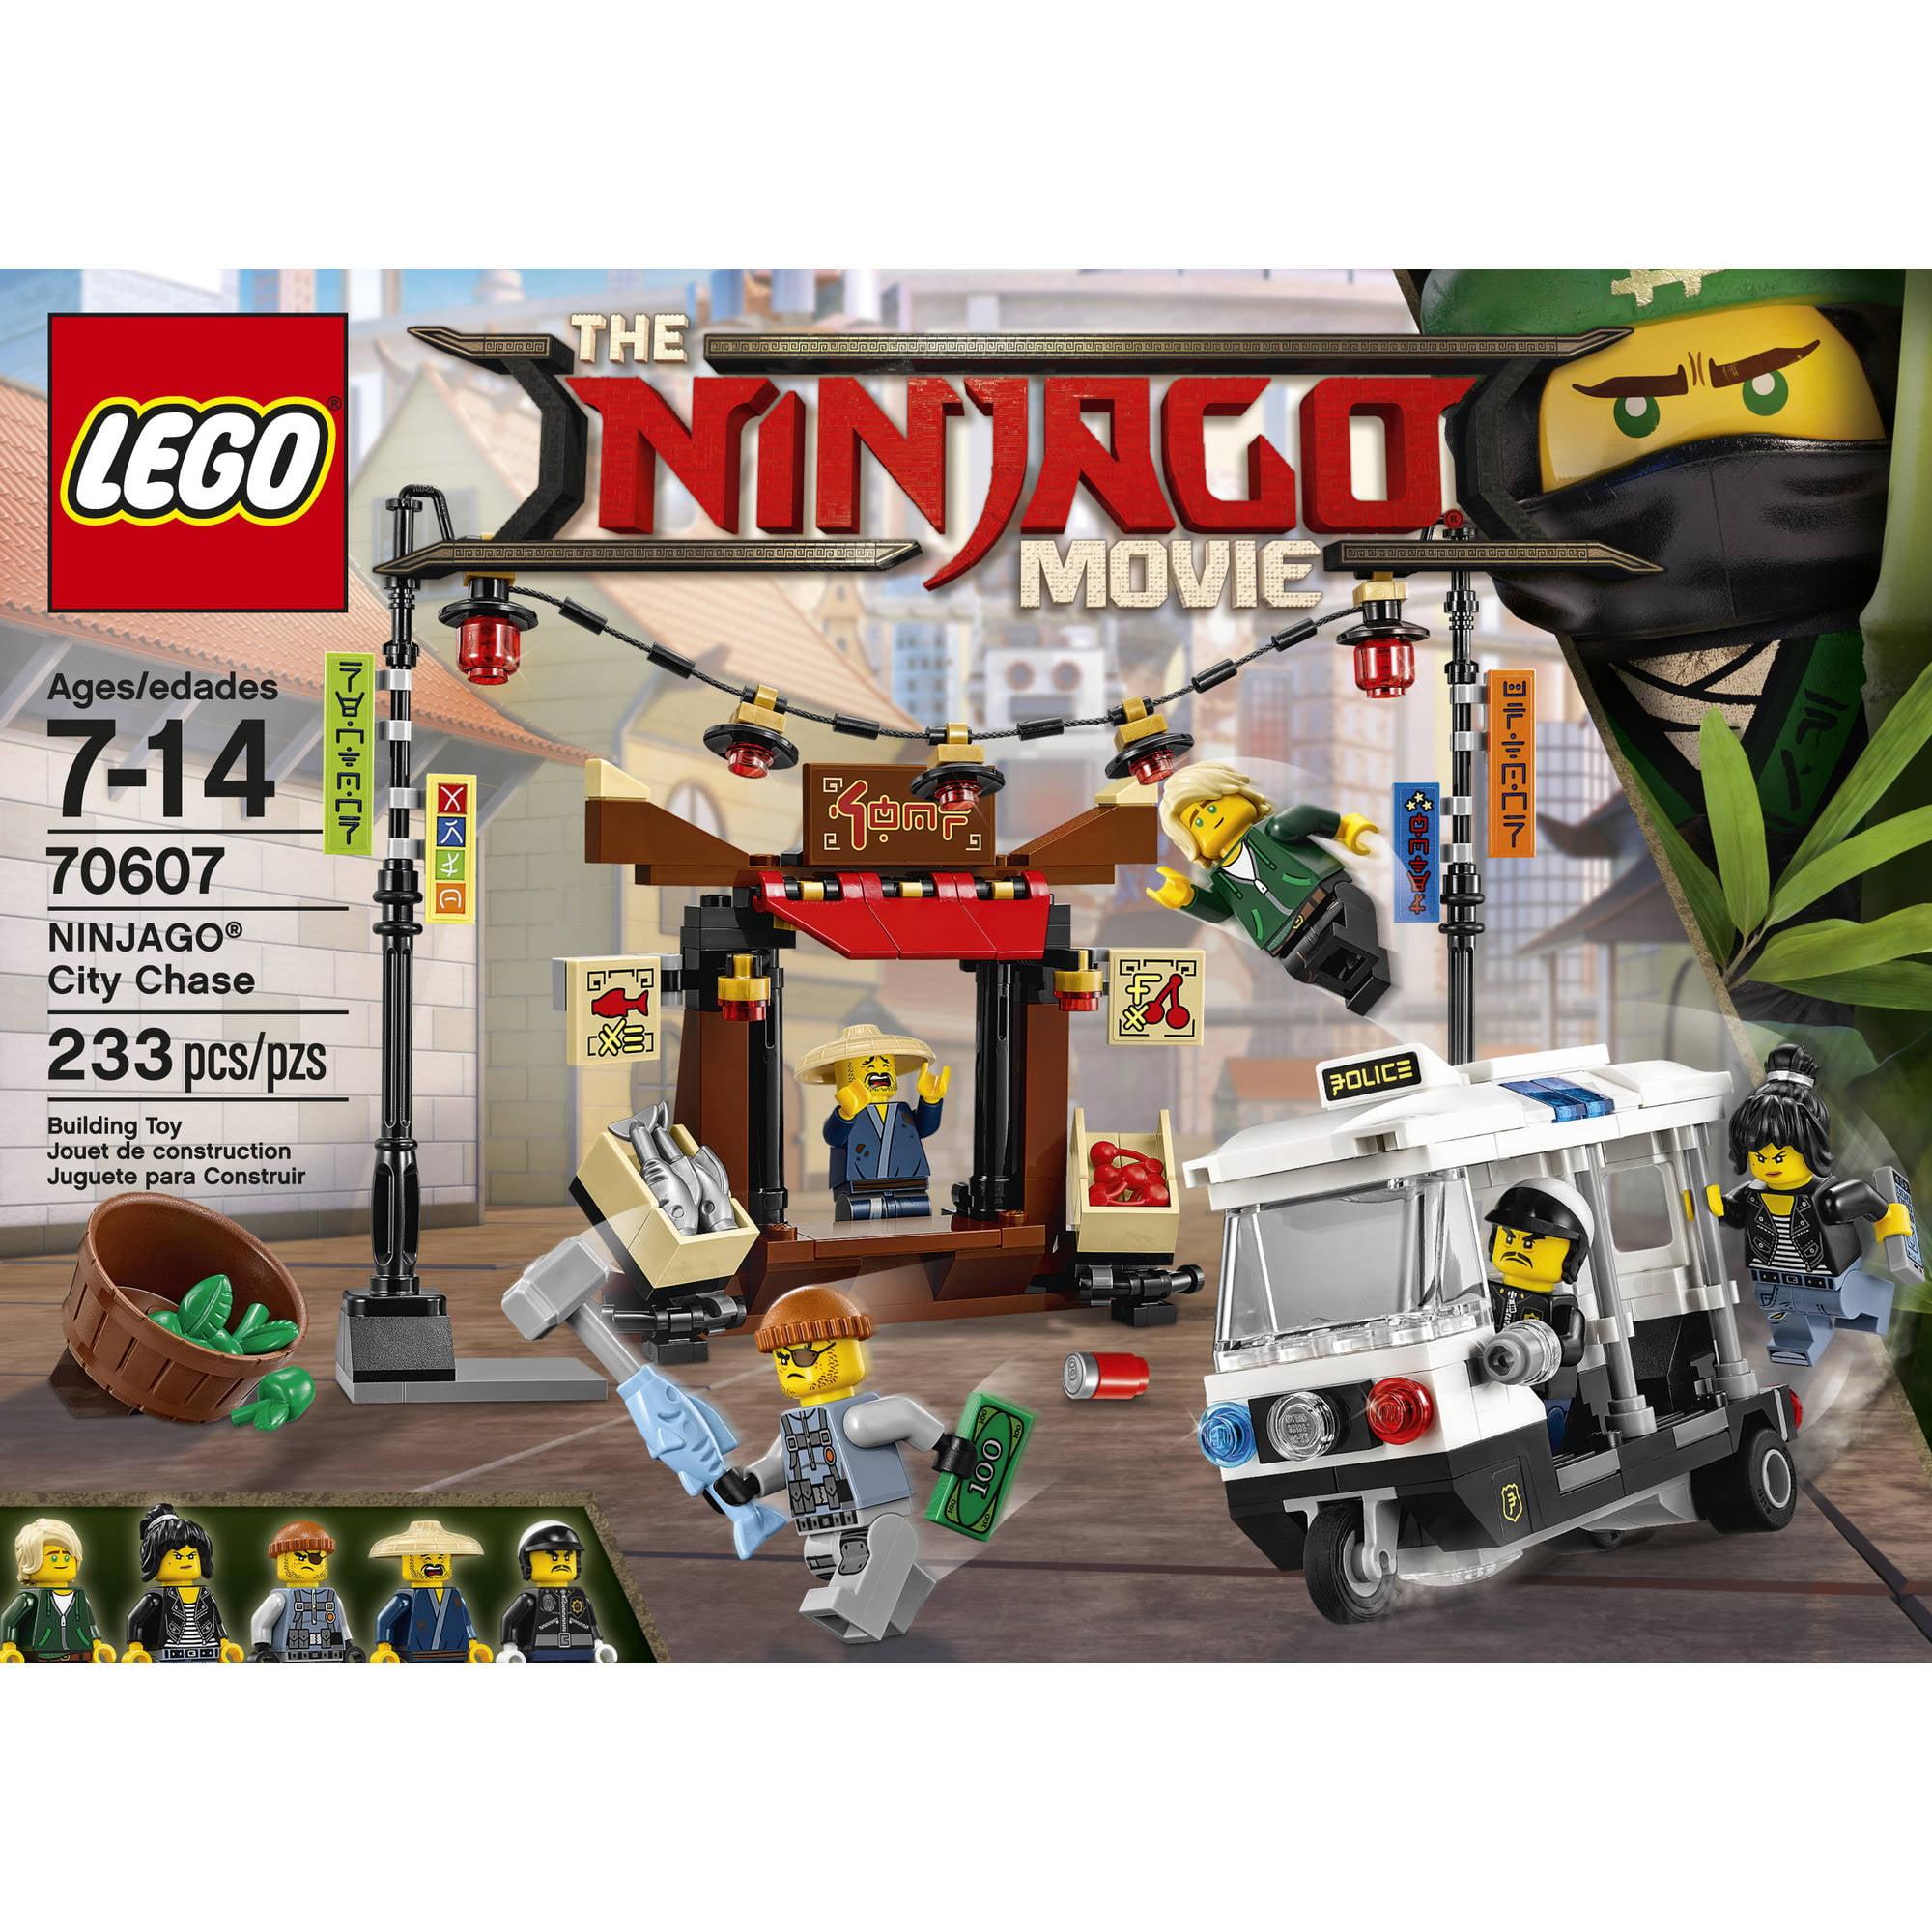 lego ninjago ninjago city chase 70607 walmartcom - Legocom Ninjago